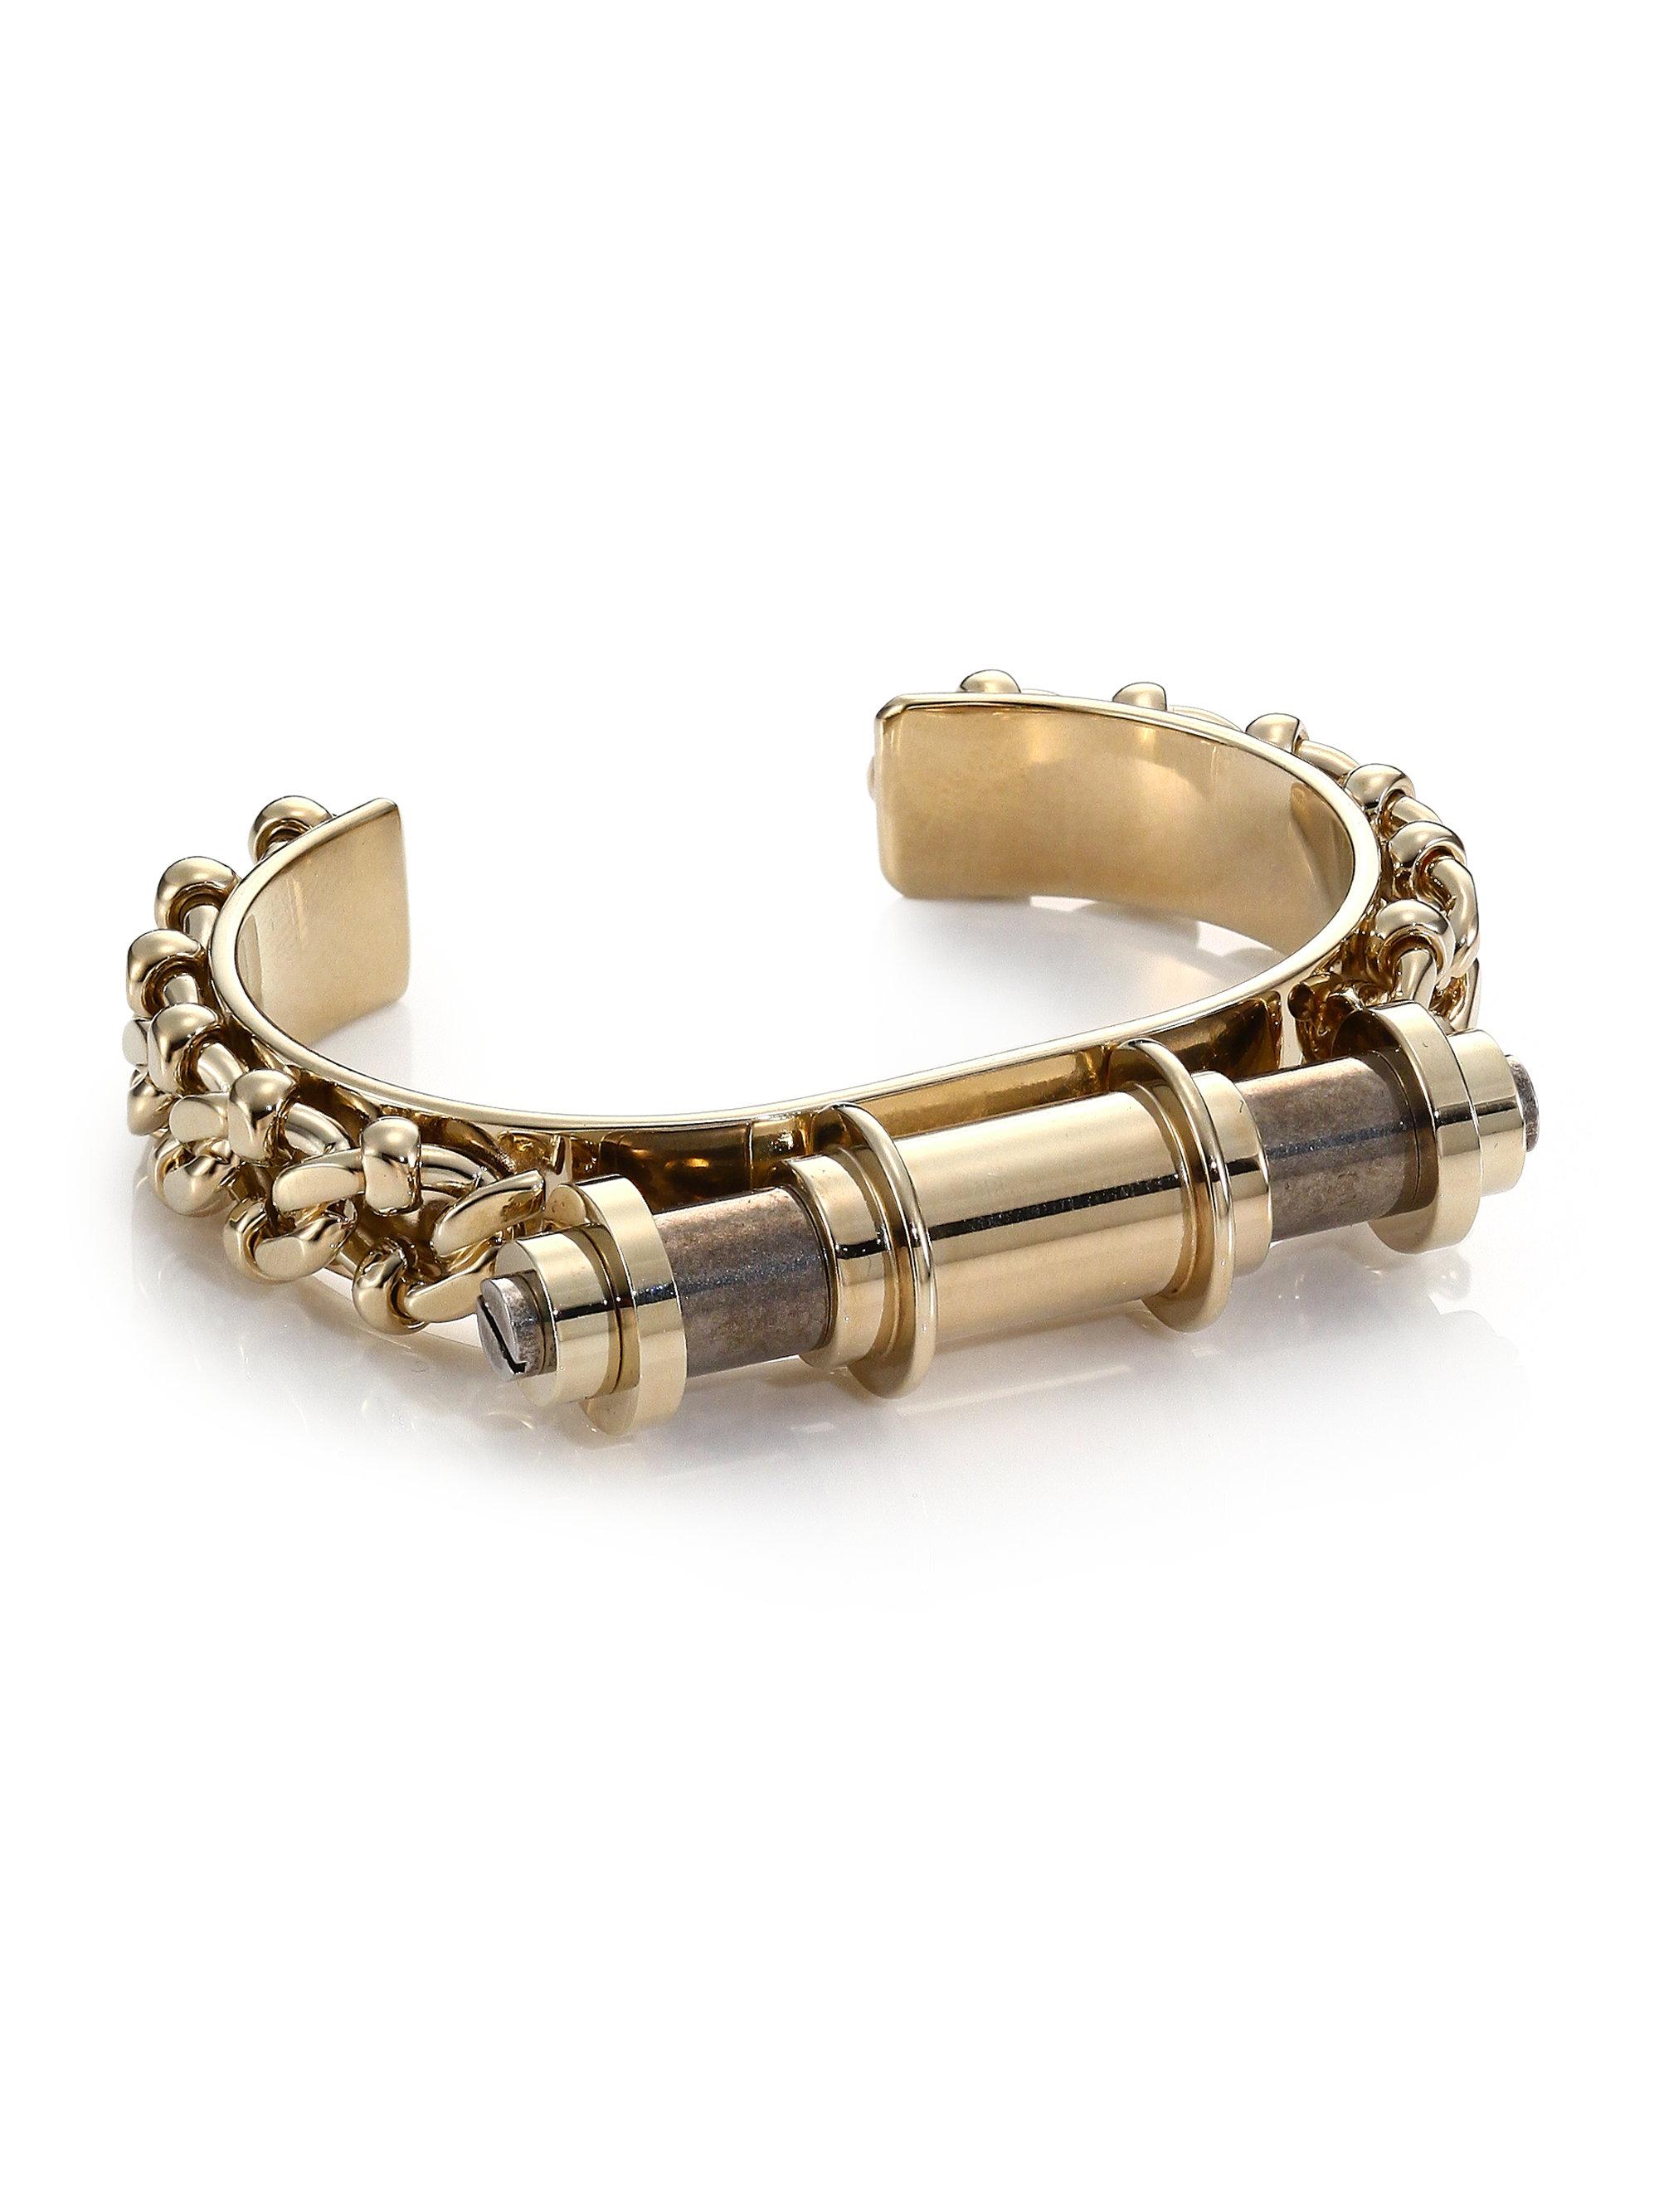 Gallery Lyst Givenchy Obsedia Bar Cuff Bracelet